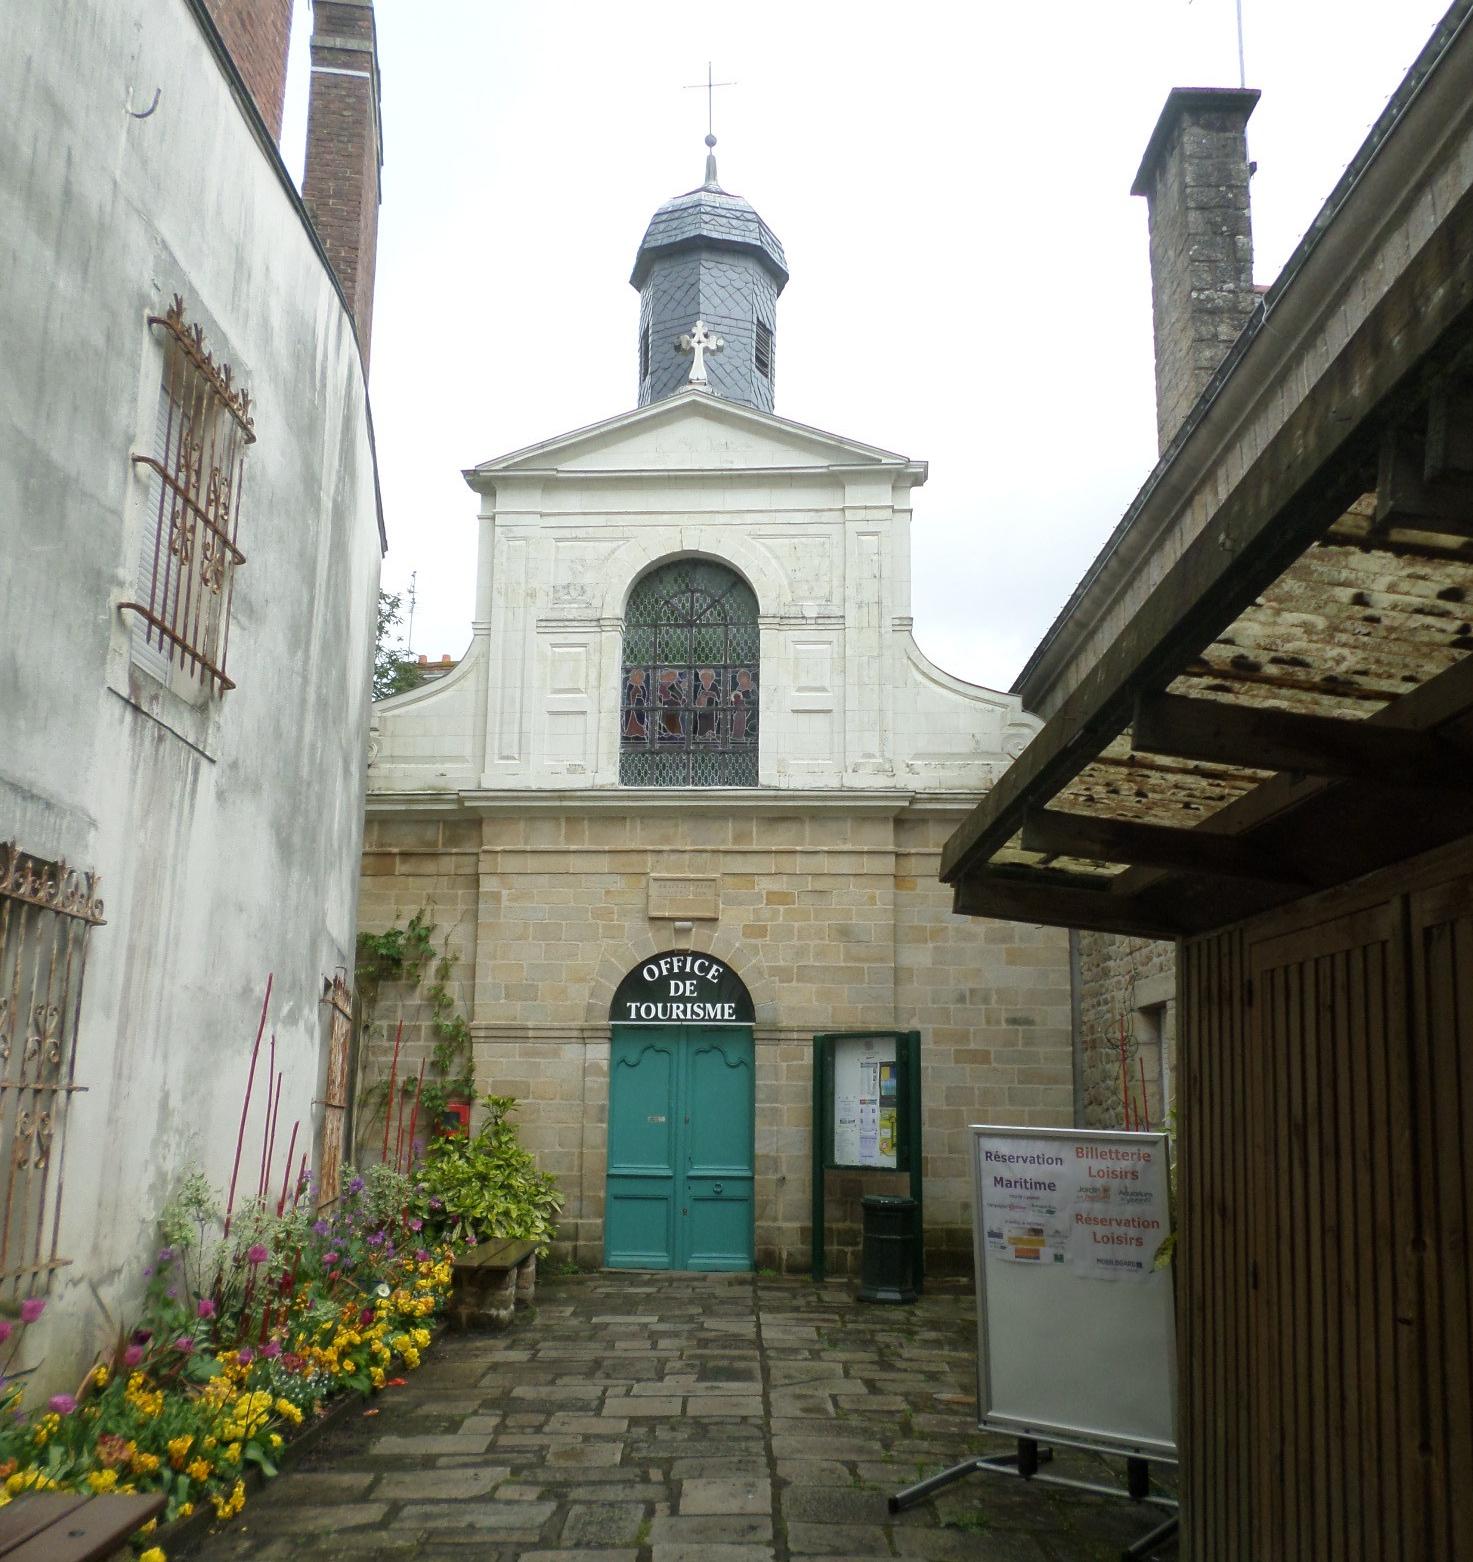 auray-chapelle-de-la-congregation-tourist-office-apr15